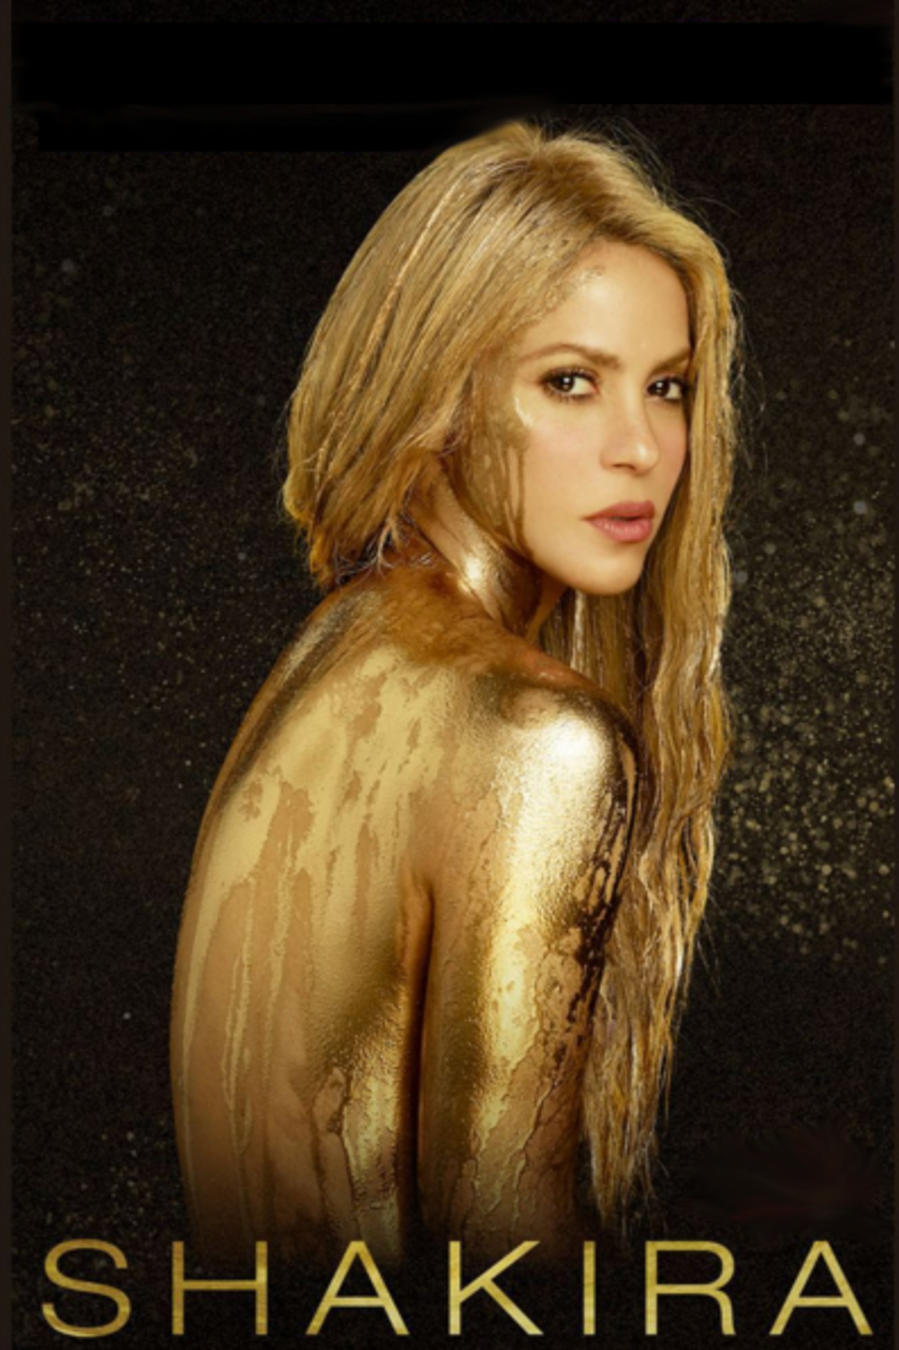 Shakira en cover promocional gira El Dorado World Tour